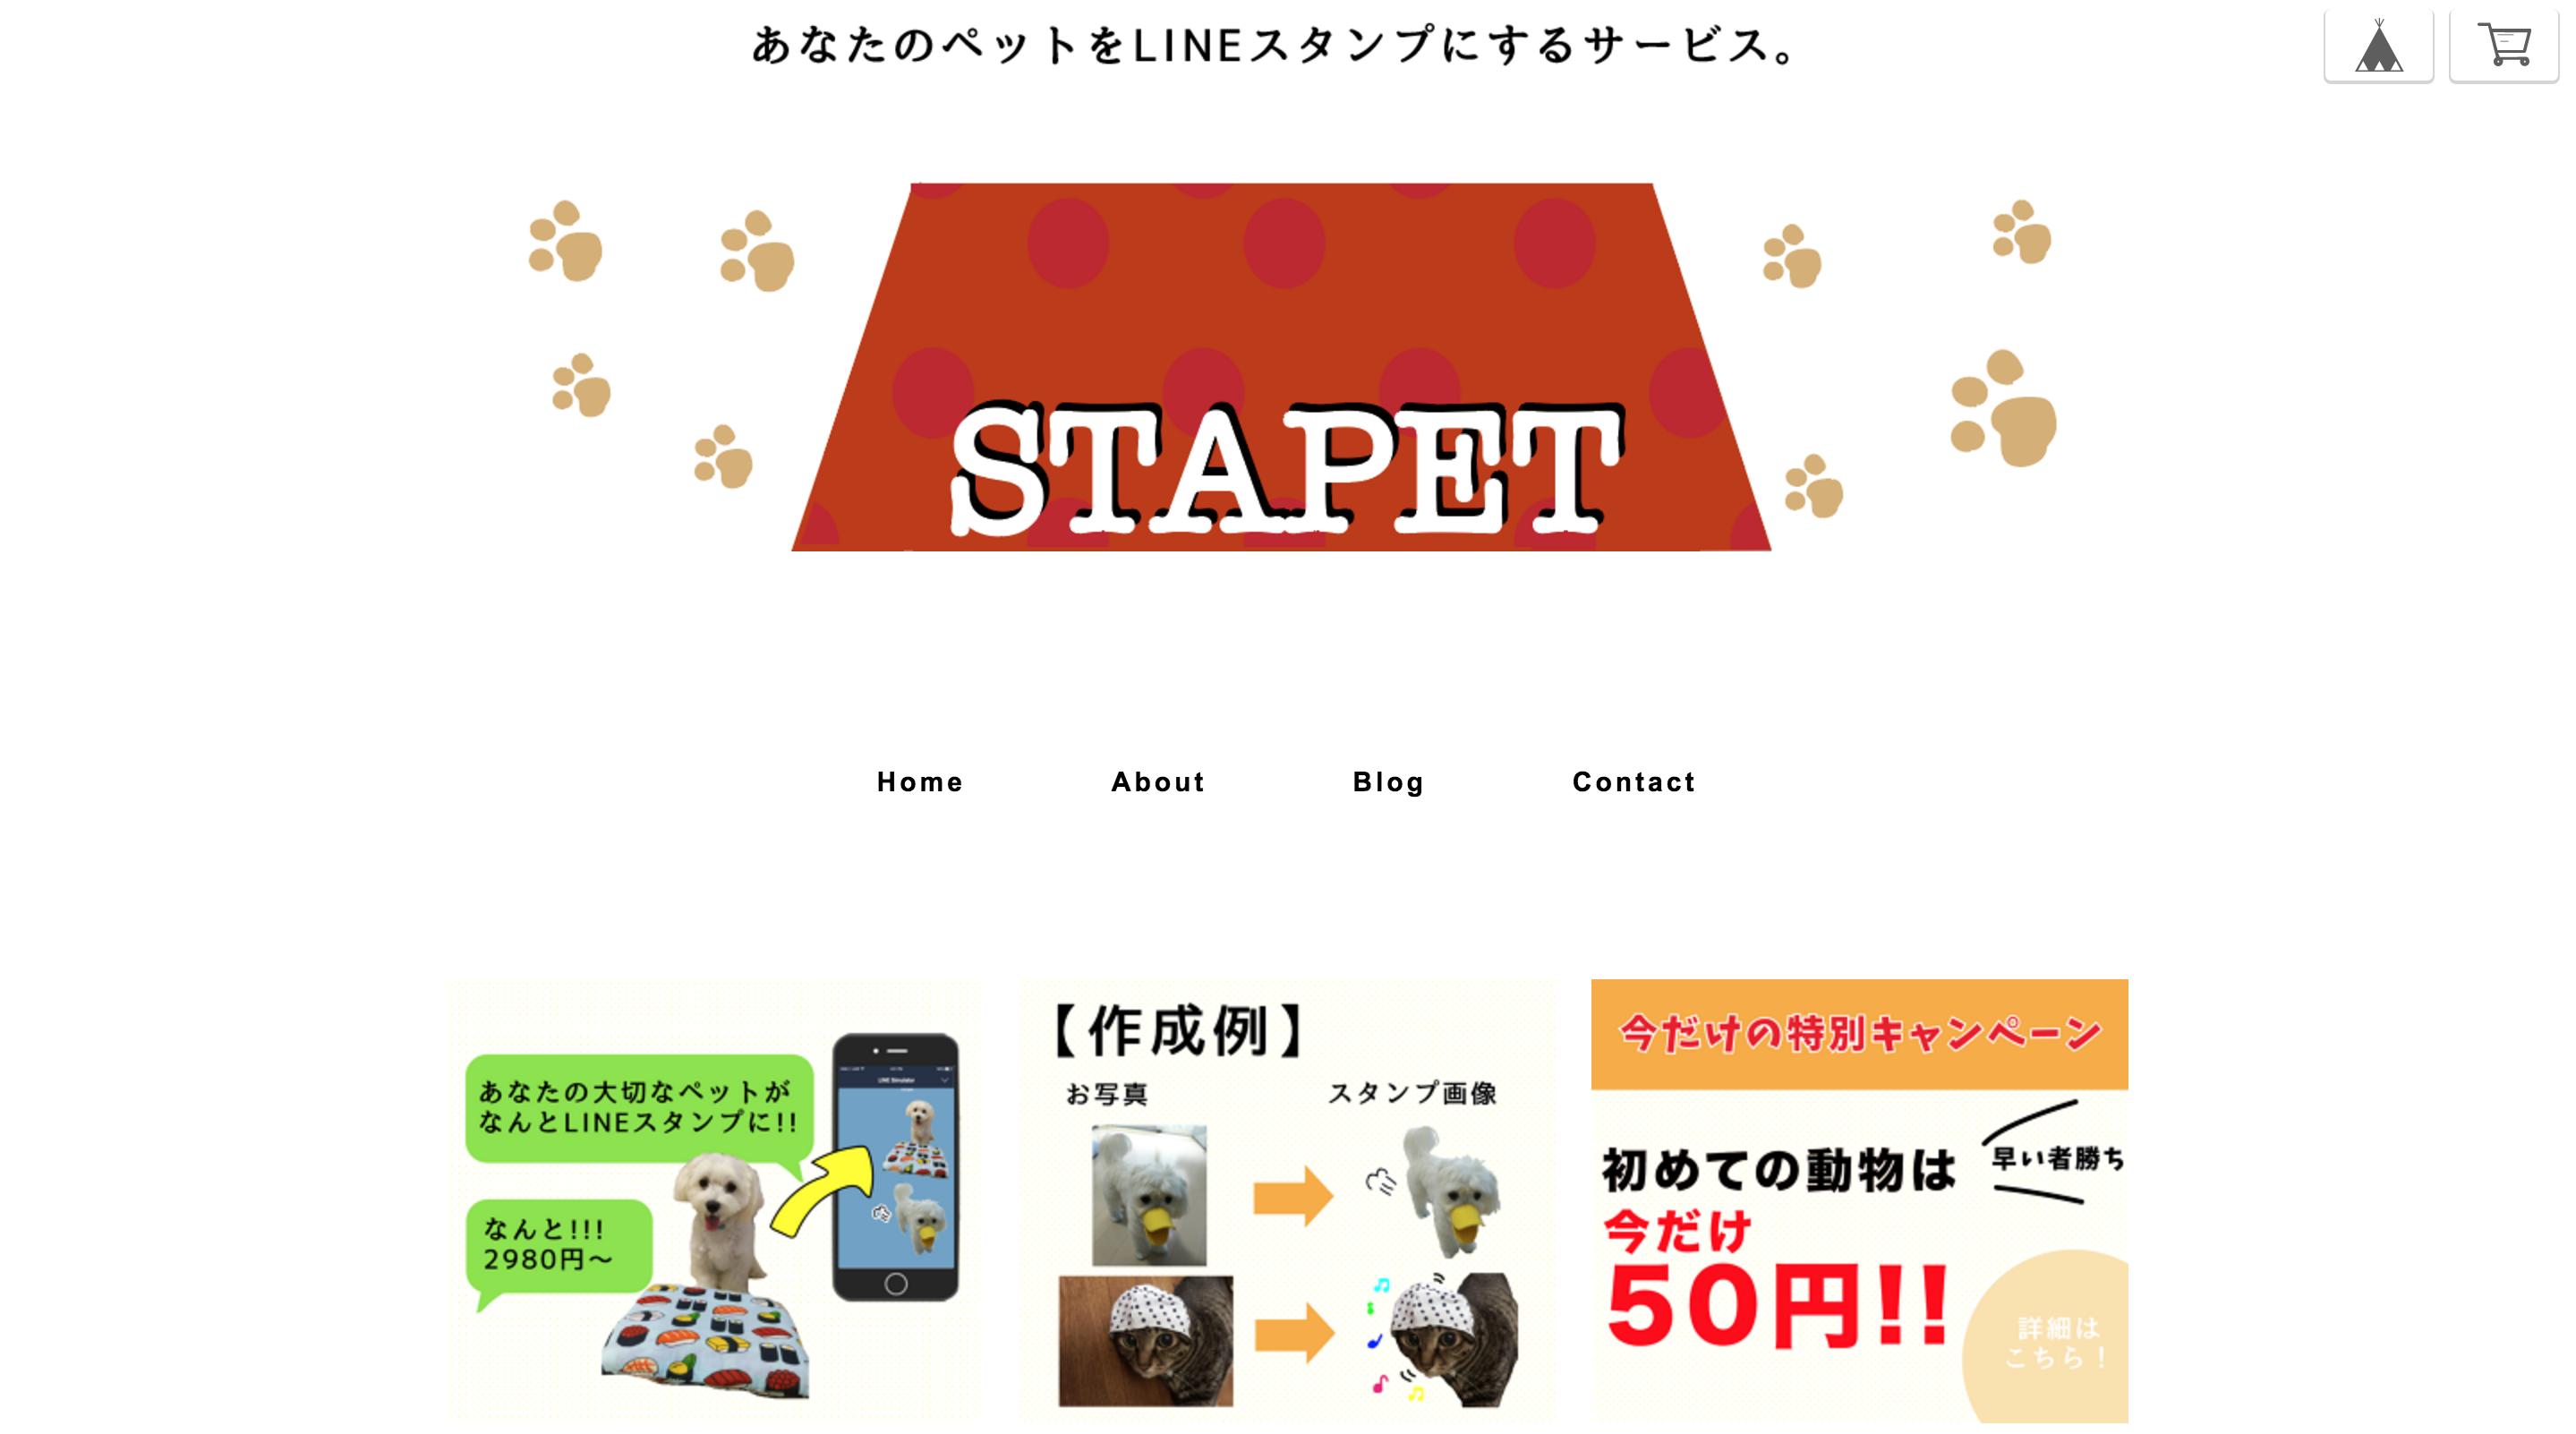 【STAPET】あなたの大好きなペットを格安でLINEスタンプに出来るサービス始めました!!